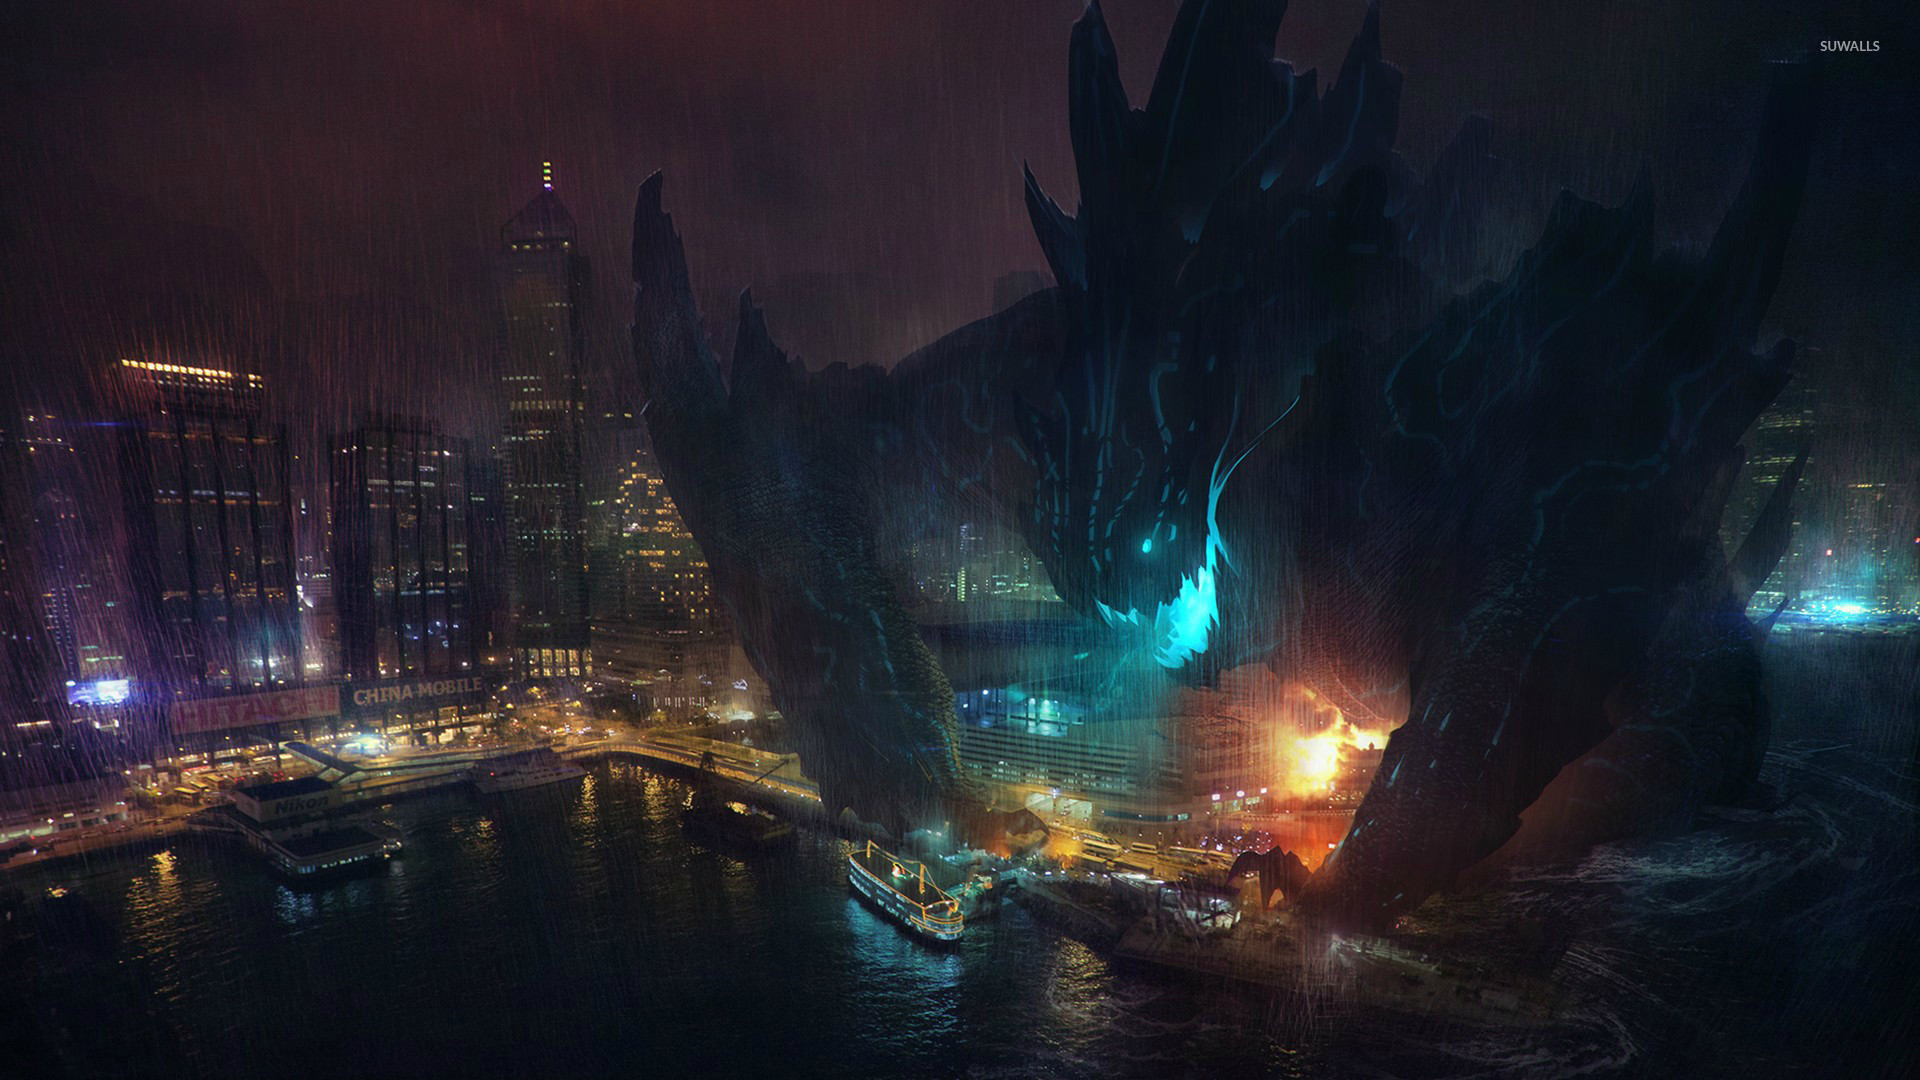 Kaiju in Pacific Rim wallpaper jpg